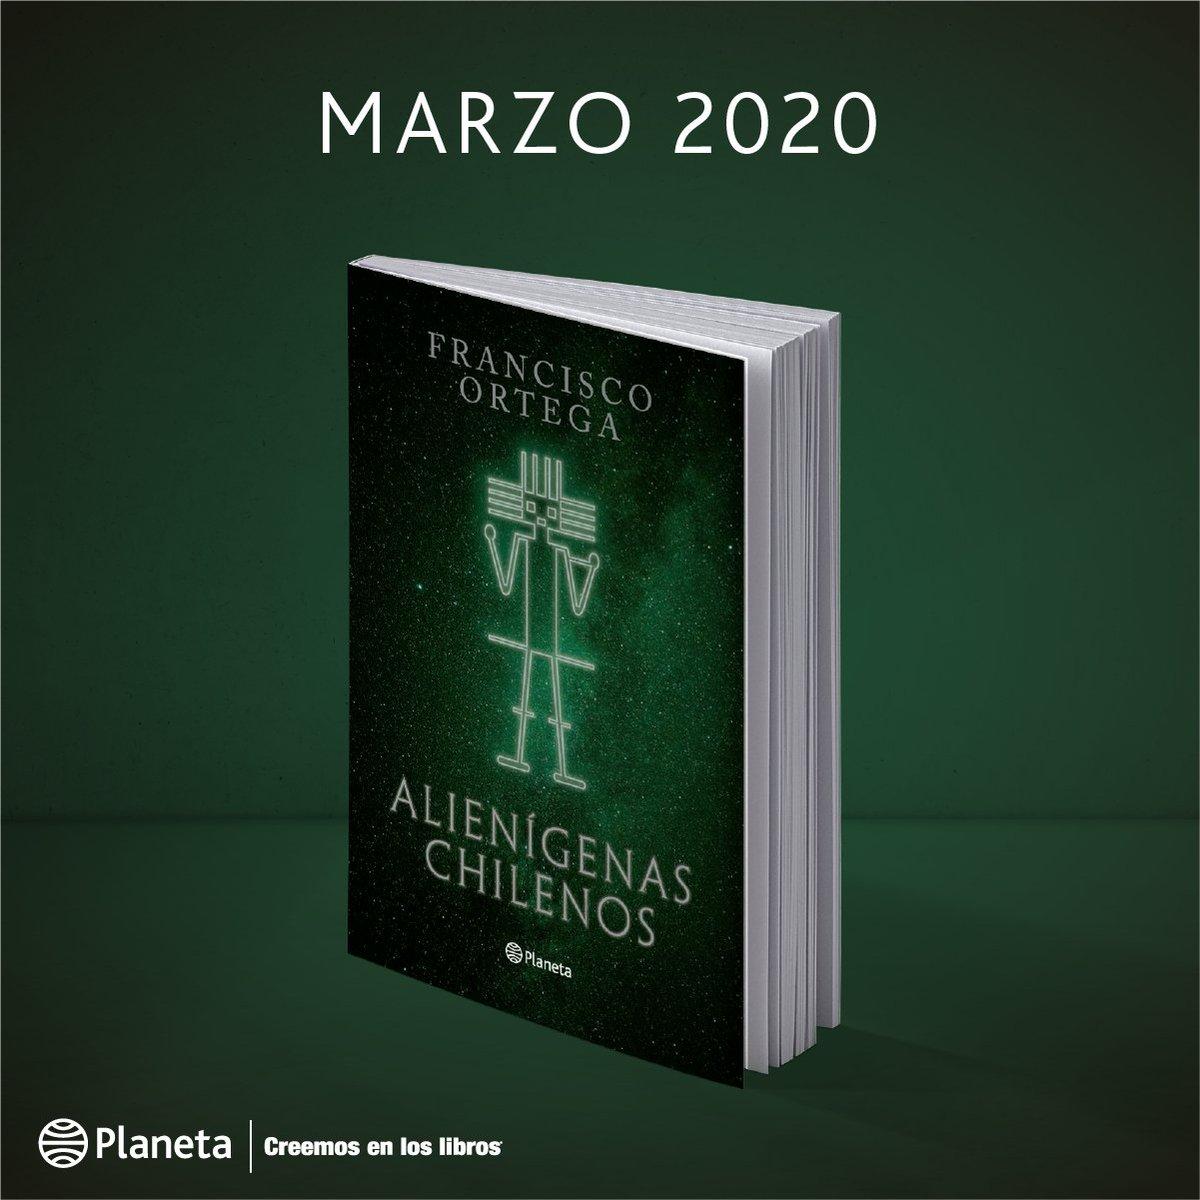 Resultado de imagen para alienigenas chilenos libros